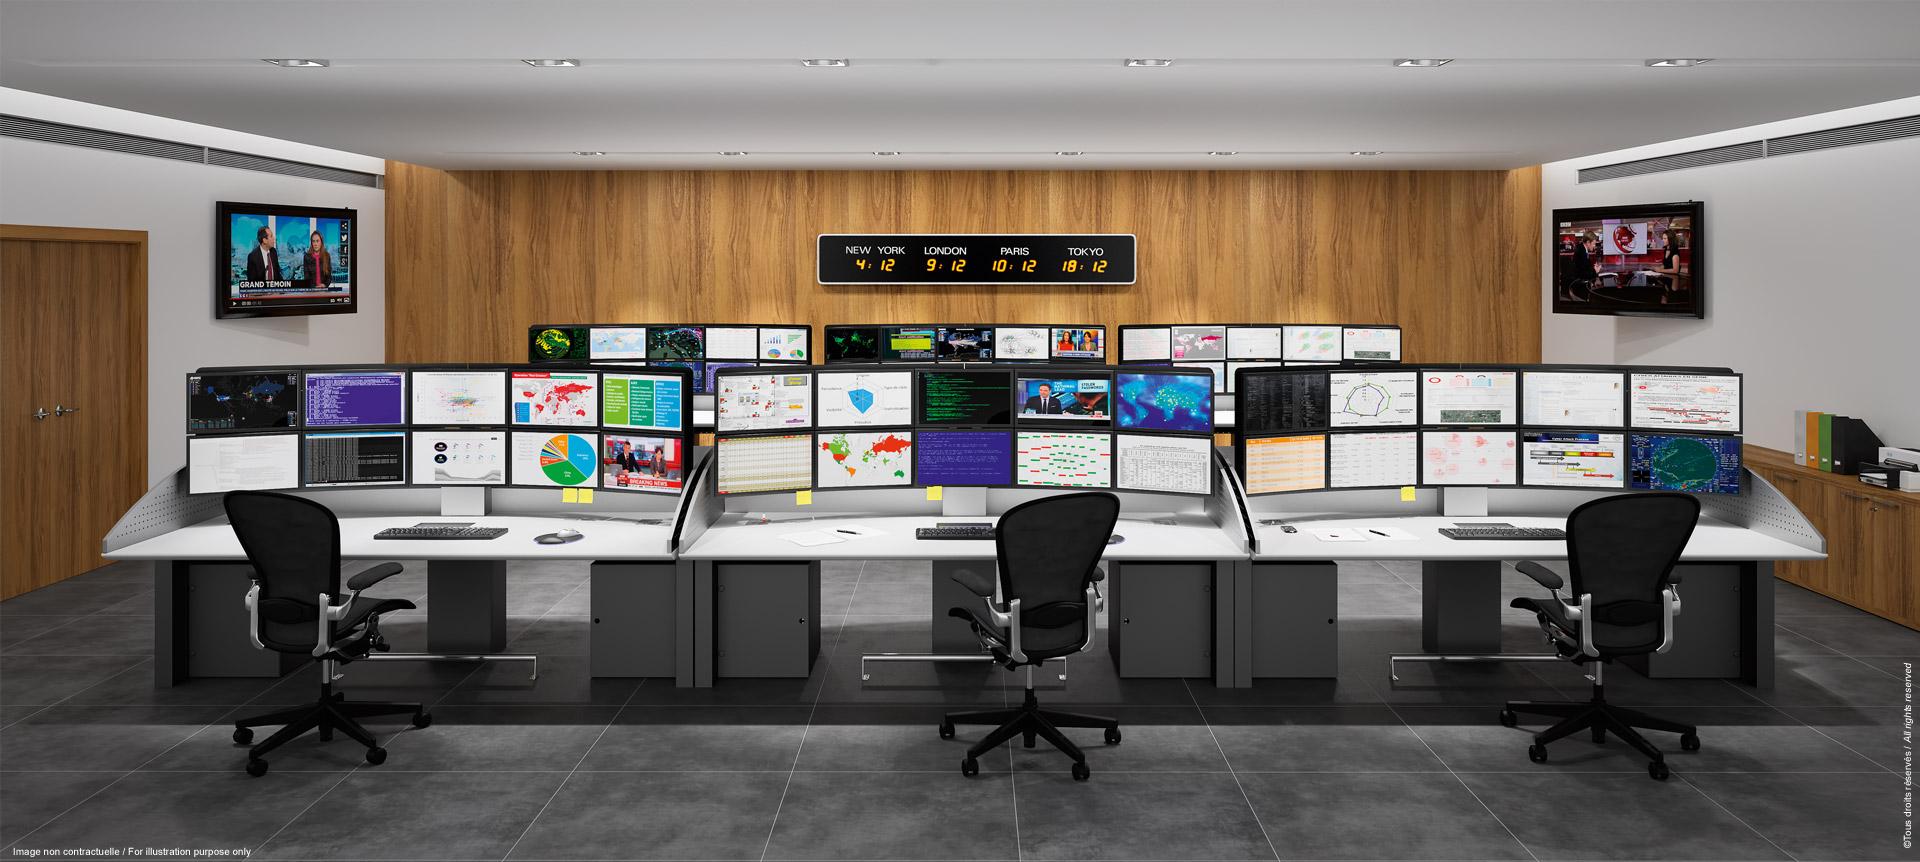 I-Kube Salle de Contrôle multi-écrans - Craie Design